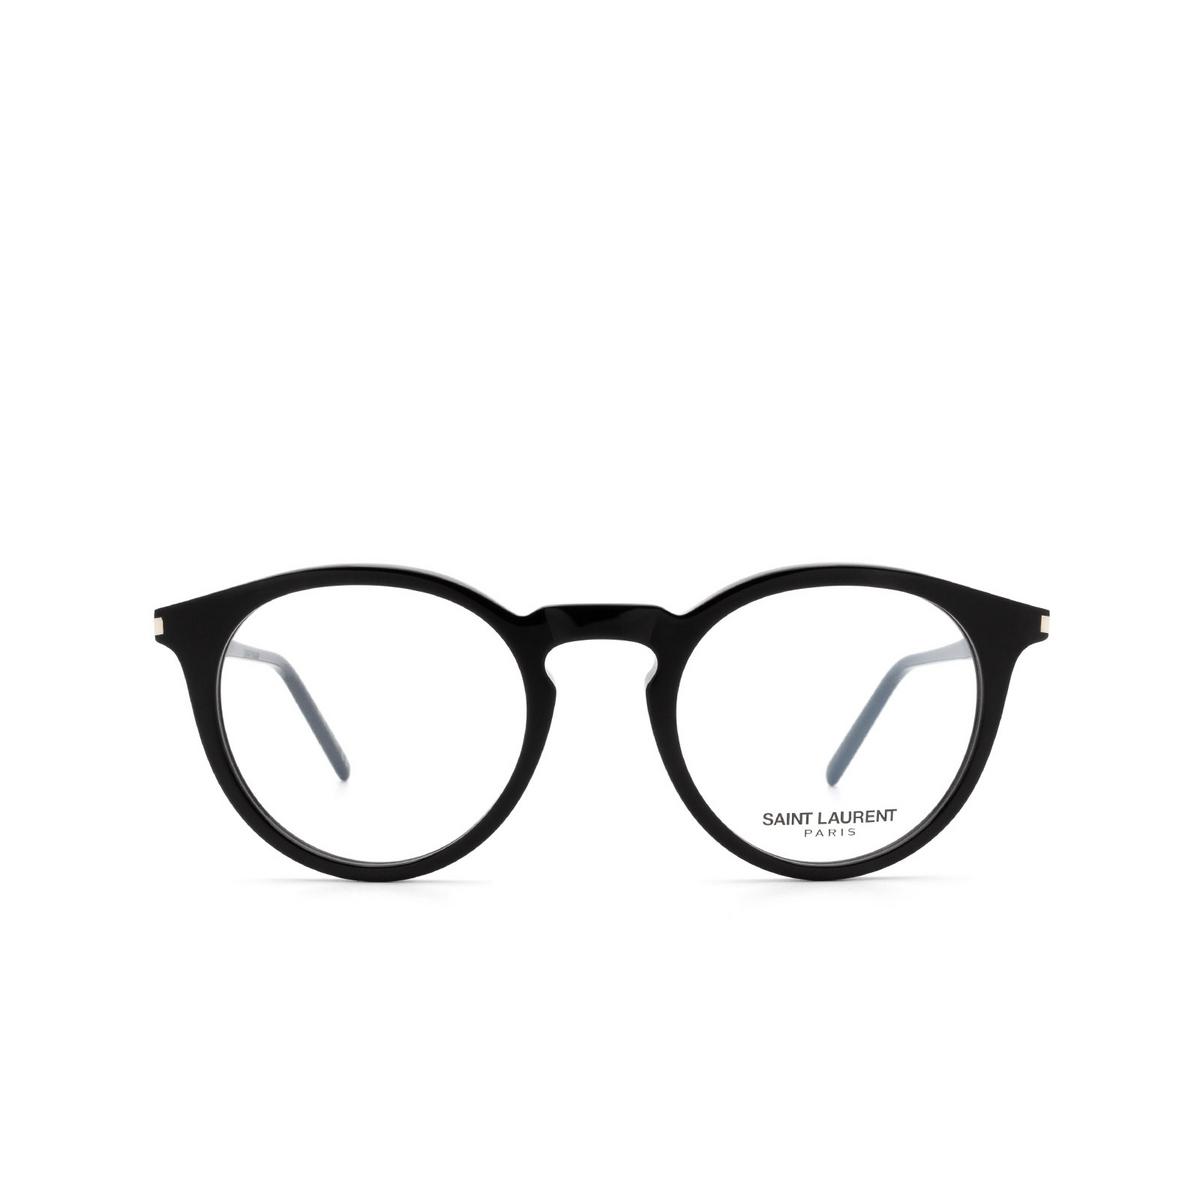 Saint Laurent® Round Eyeglasses: SL 347 color Black 001 - front view.